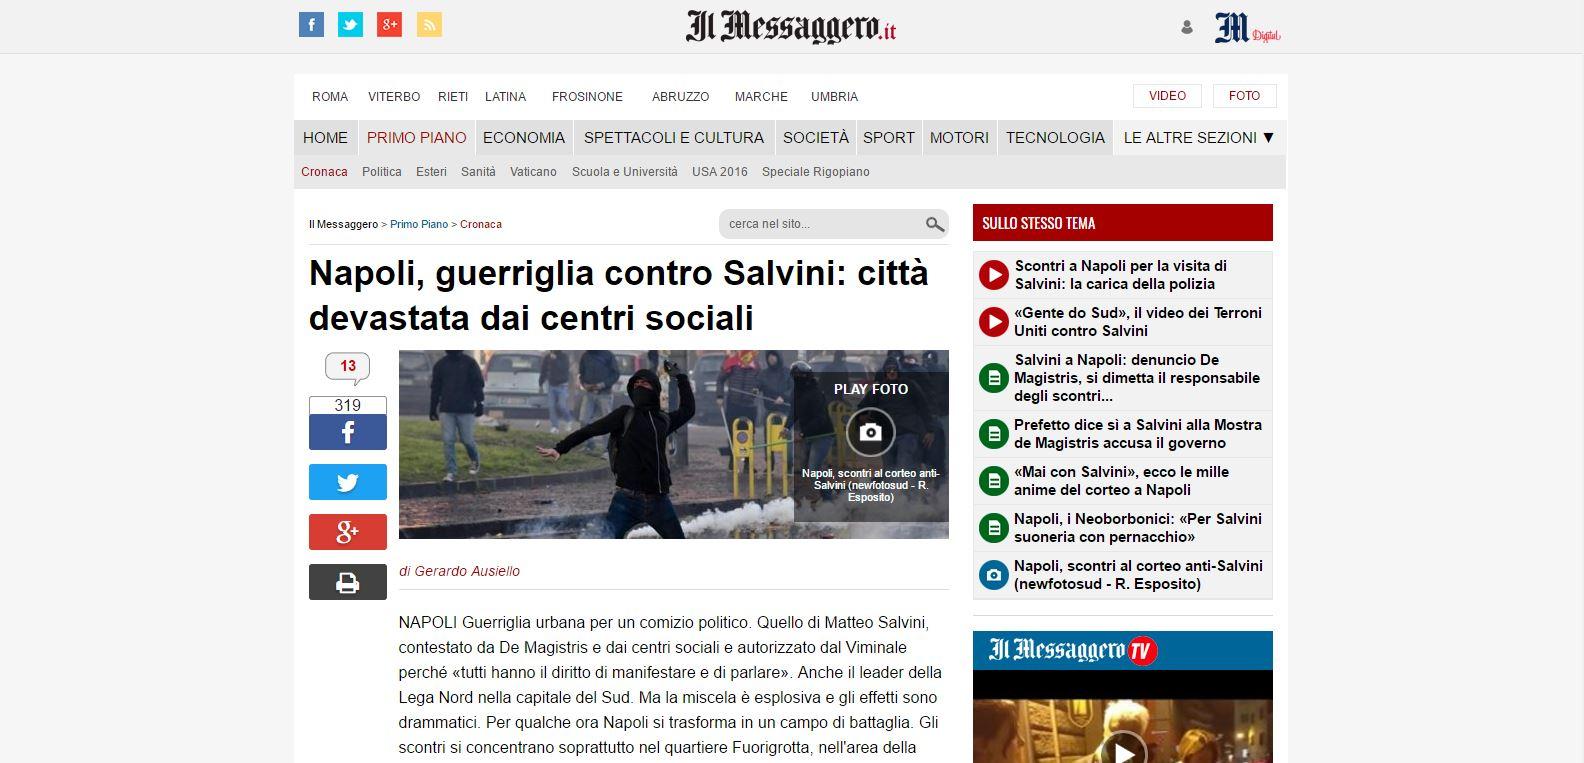 Scontri Napoli Salvini Messaggero